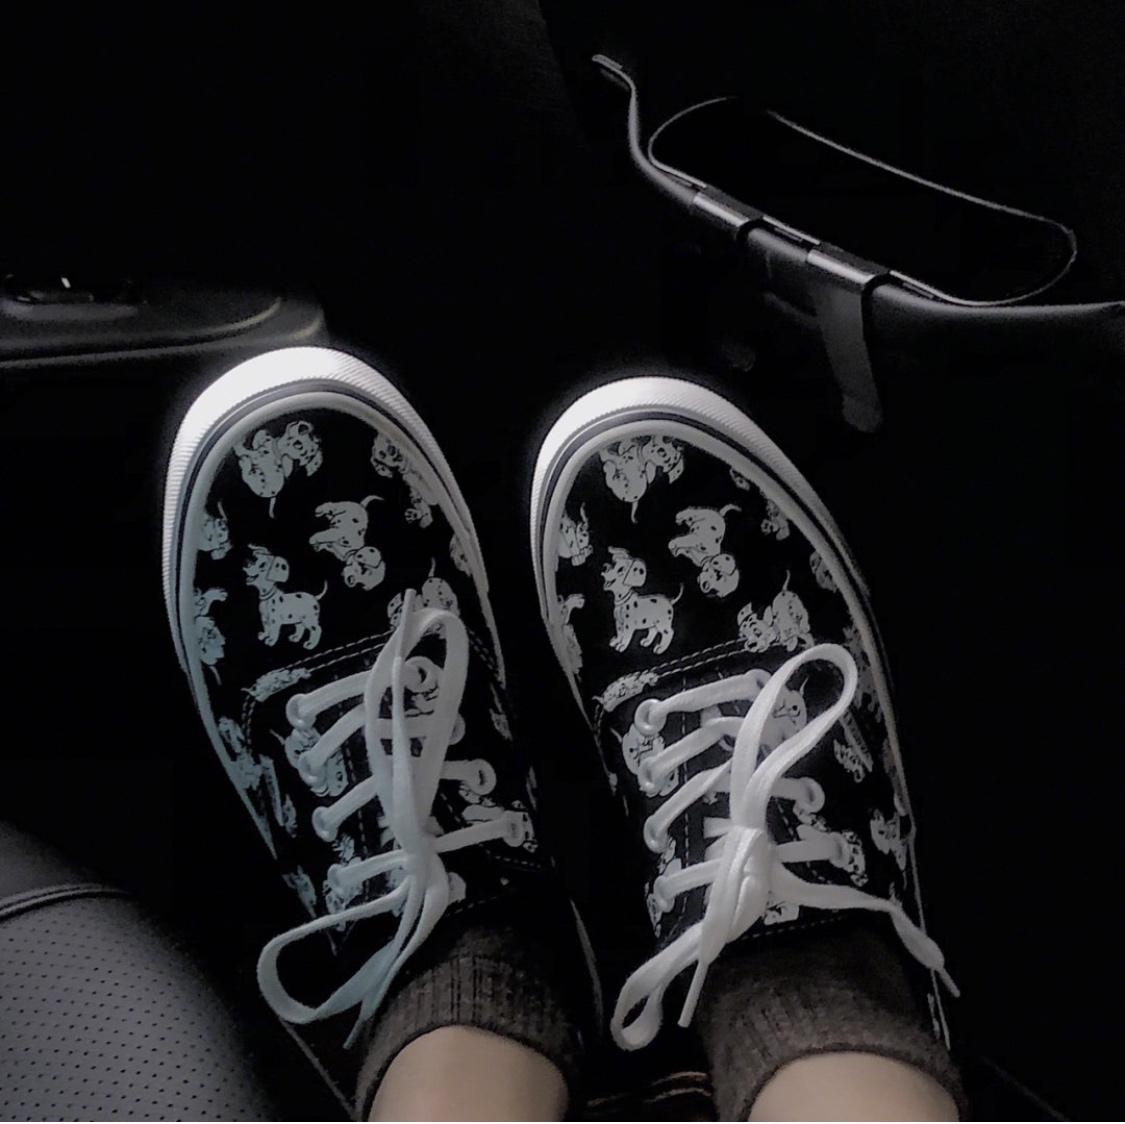 涂鸦帆布鞋 南在南方韩版ulzzang帆布鞋女涂鸦童趣ins港味学生休闲百搭滑板鞋_推荐淘宝好看的女涂鸦帆布鞋